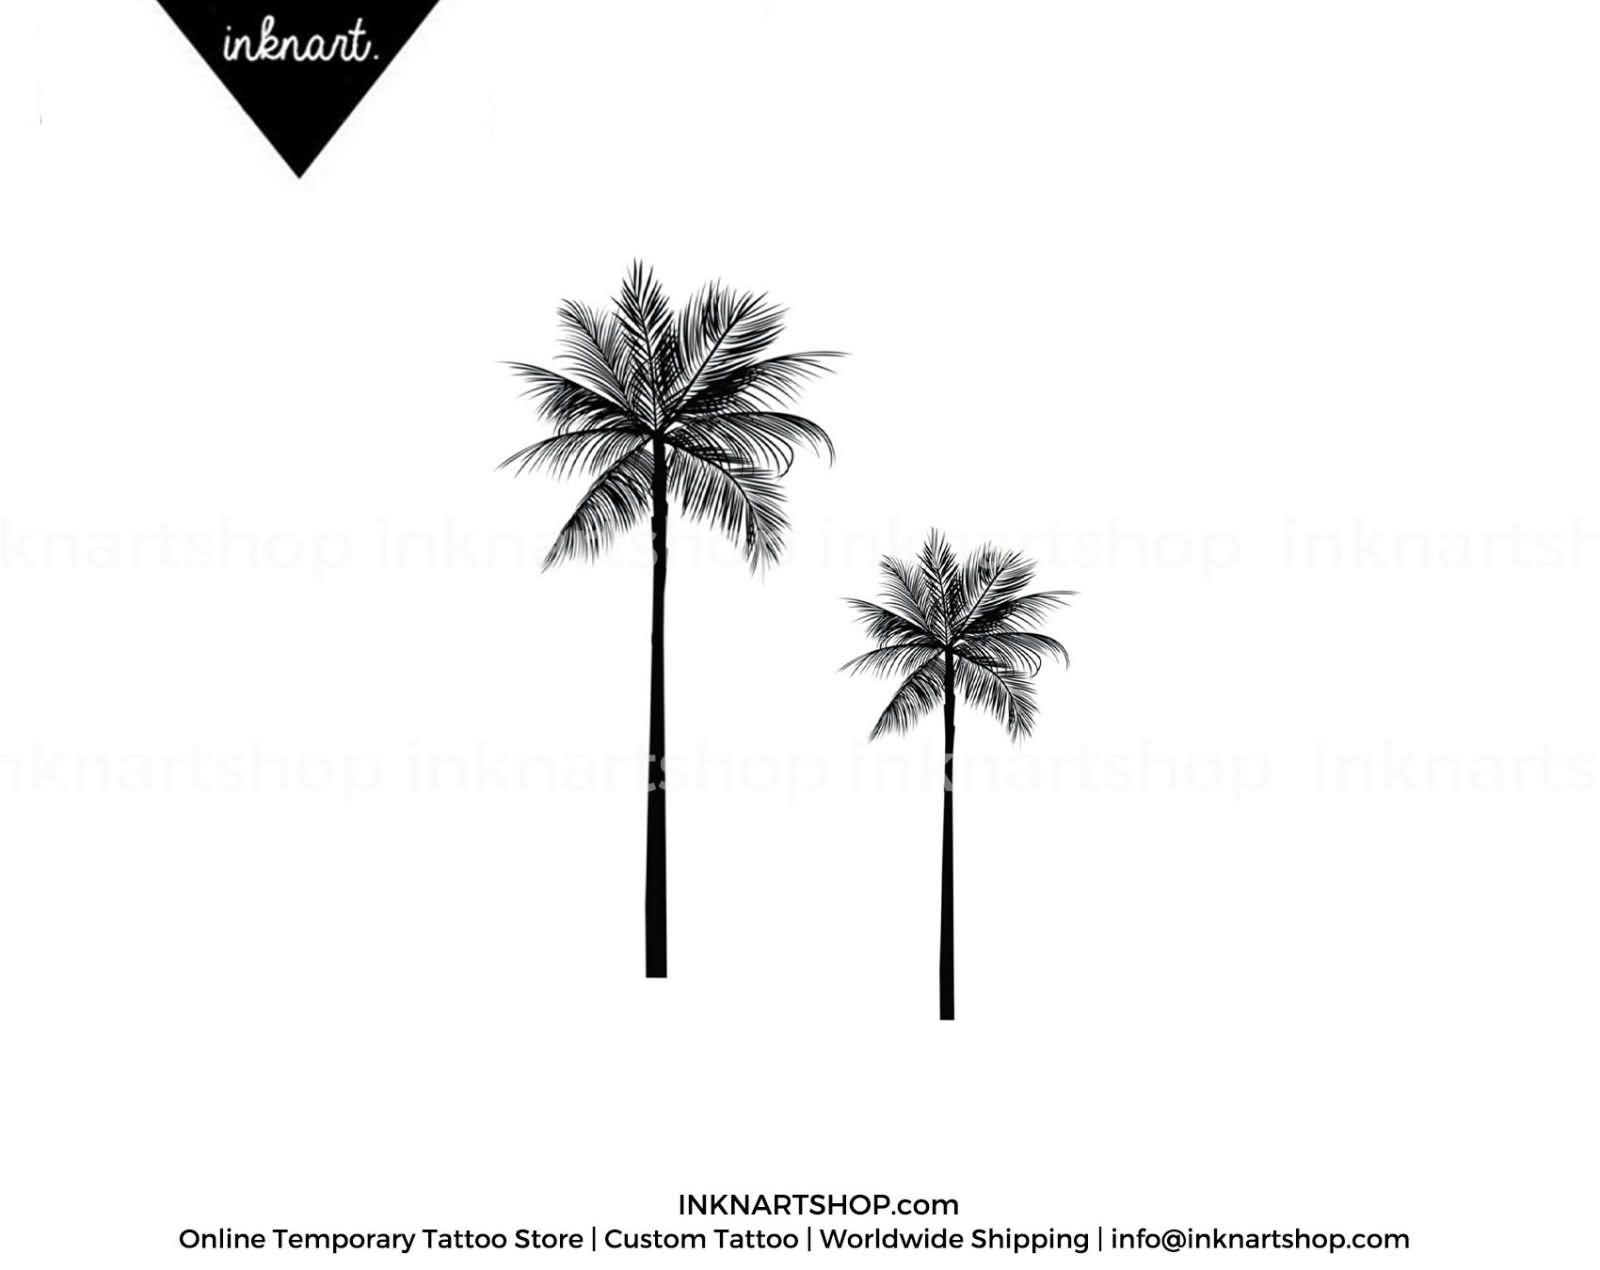 Two Palm Tree Tattoos Designs